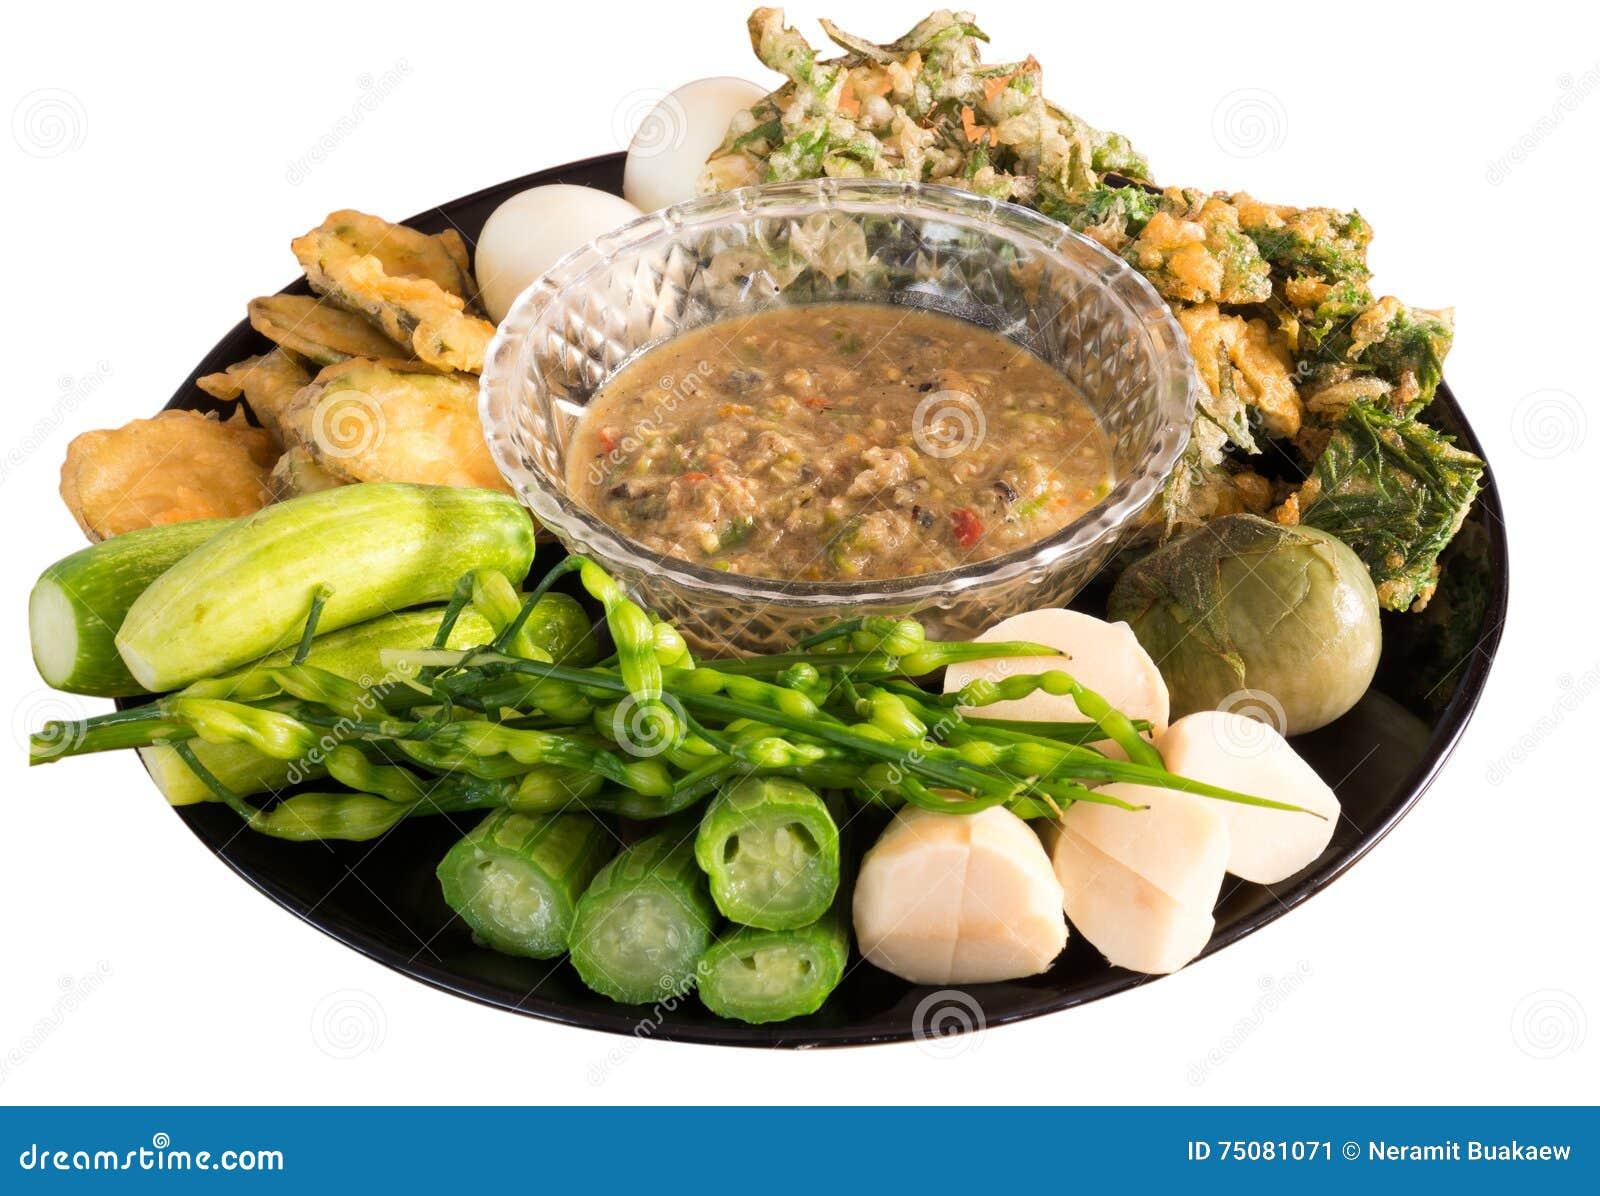 Ζυμωνομμένη πικάντικη εμβύθιση ψαριών με τα βρασμένα αυγά και τα λαχανικά